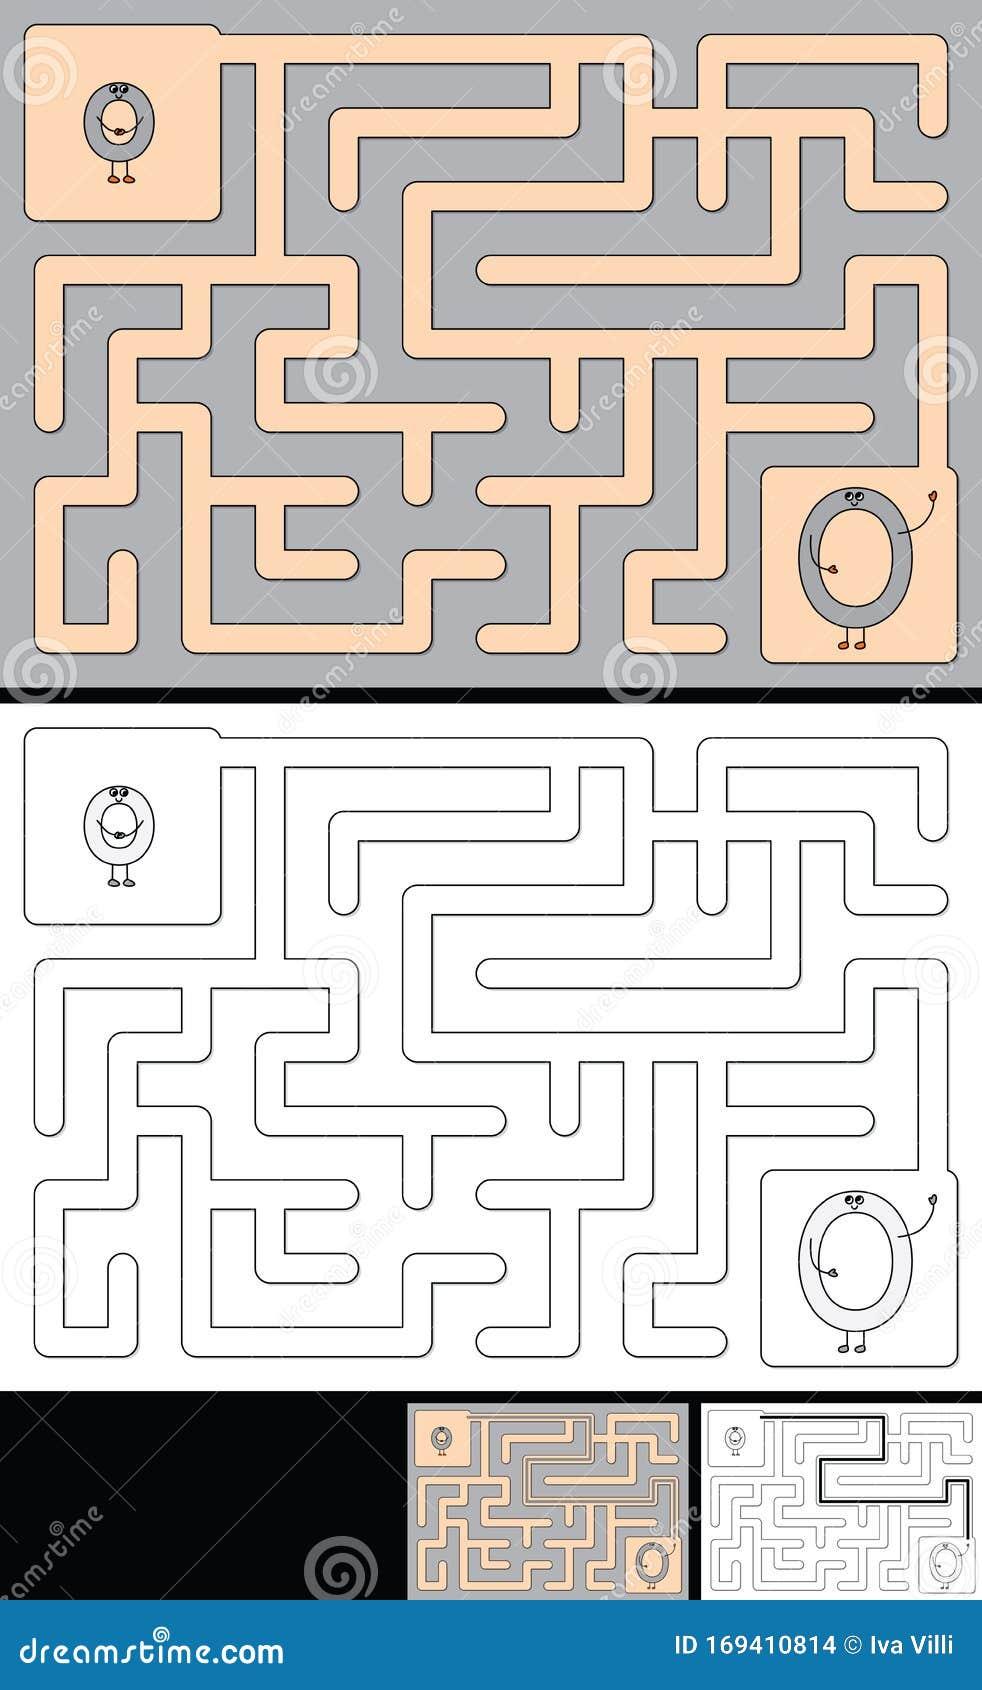 Letter H Maze Coloring Page - Twisty Noodle | 1689x982